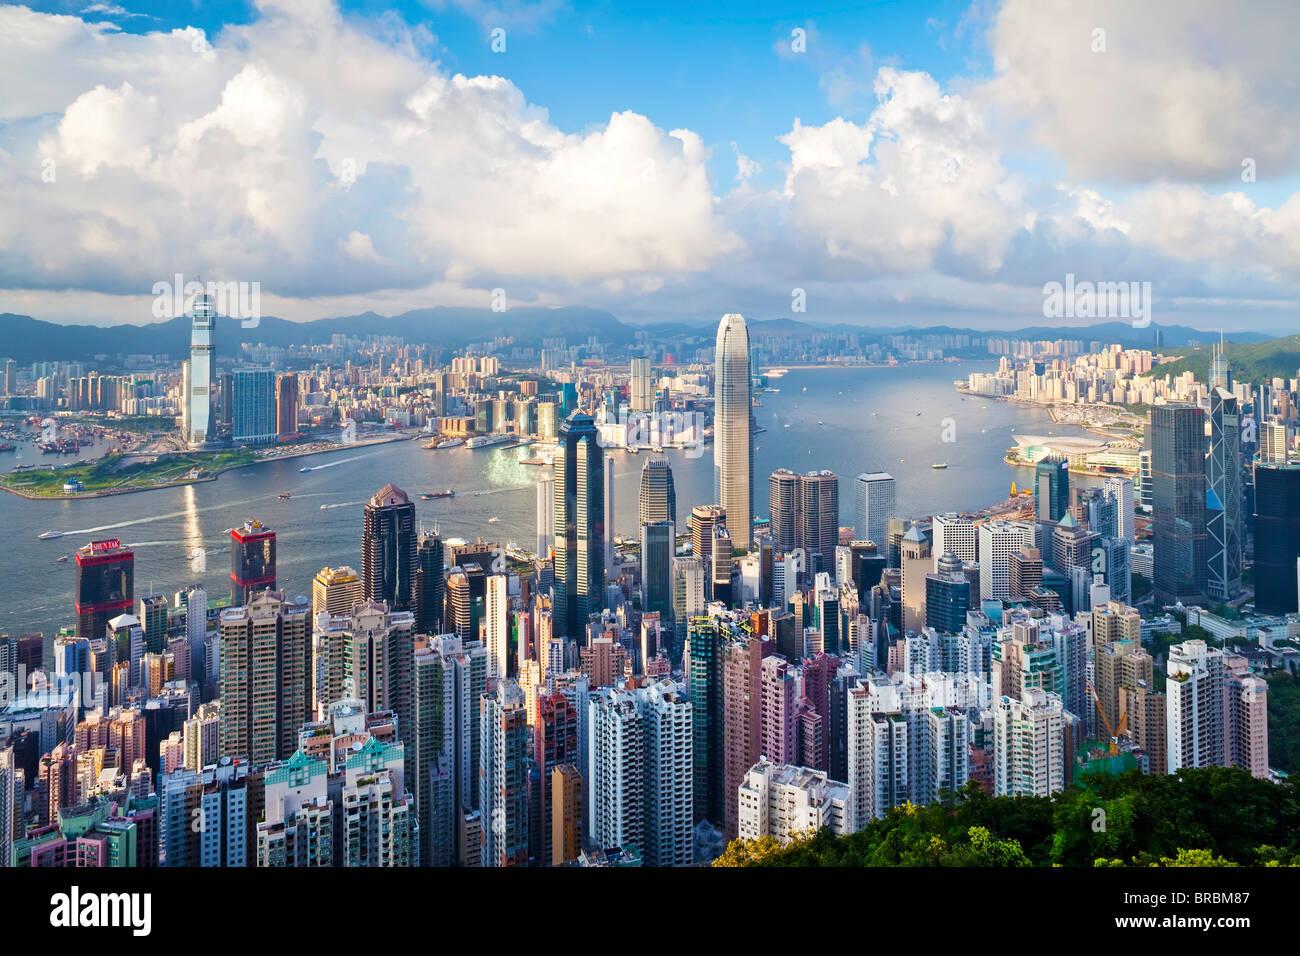 La ville et le port de Victoria vue depuis le Pic Victoria, Hong Kong, Chine Photo Stock